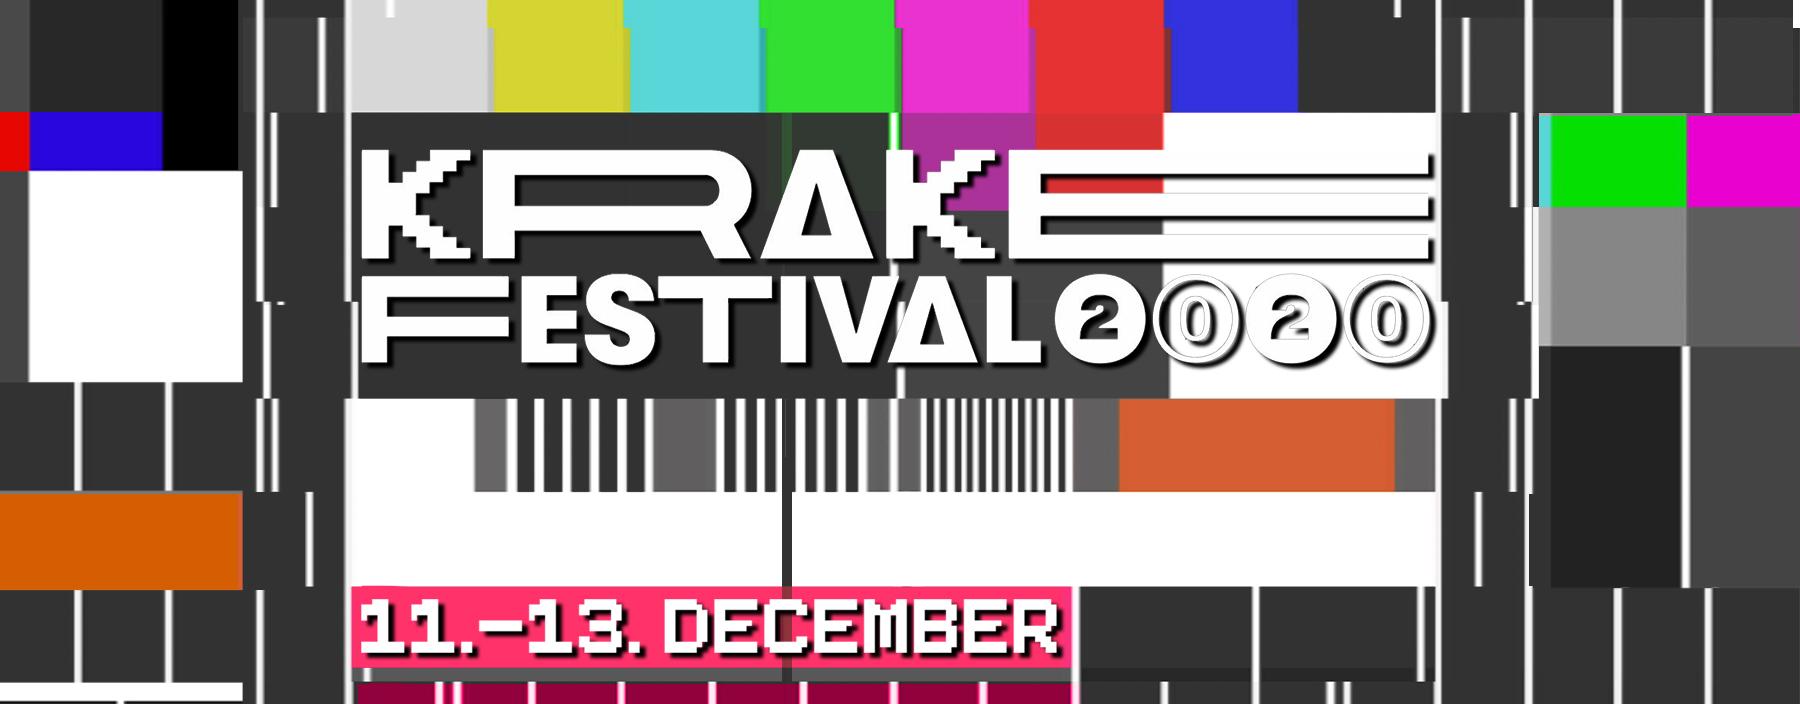 Krake Festival 2020